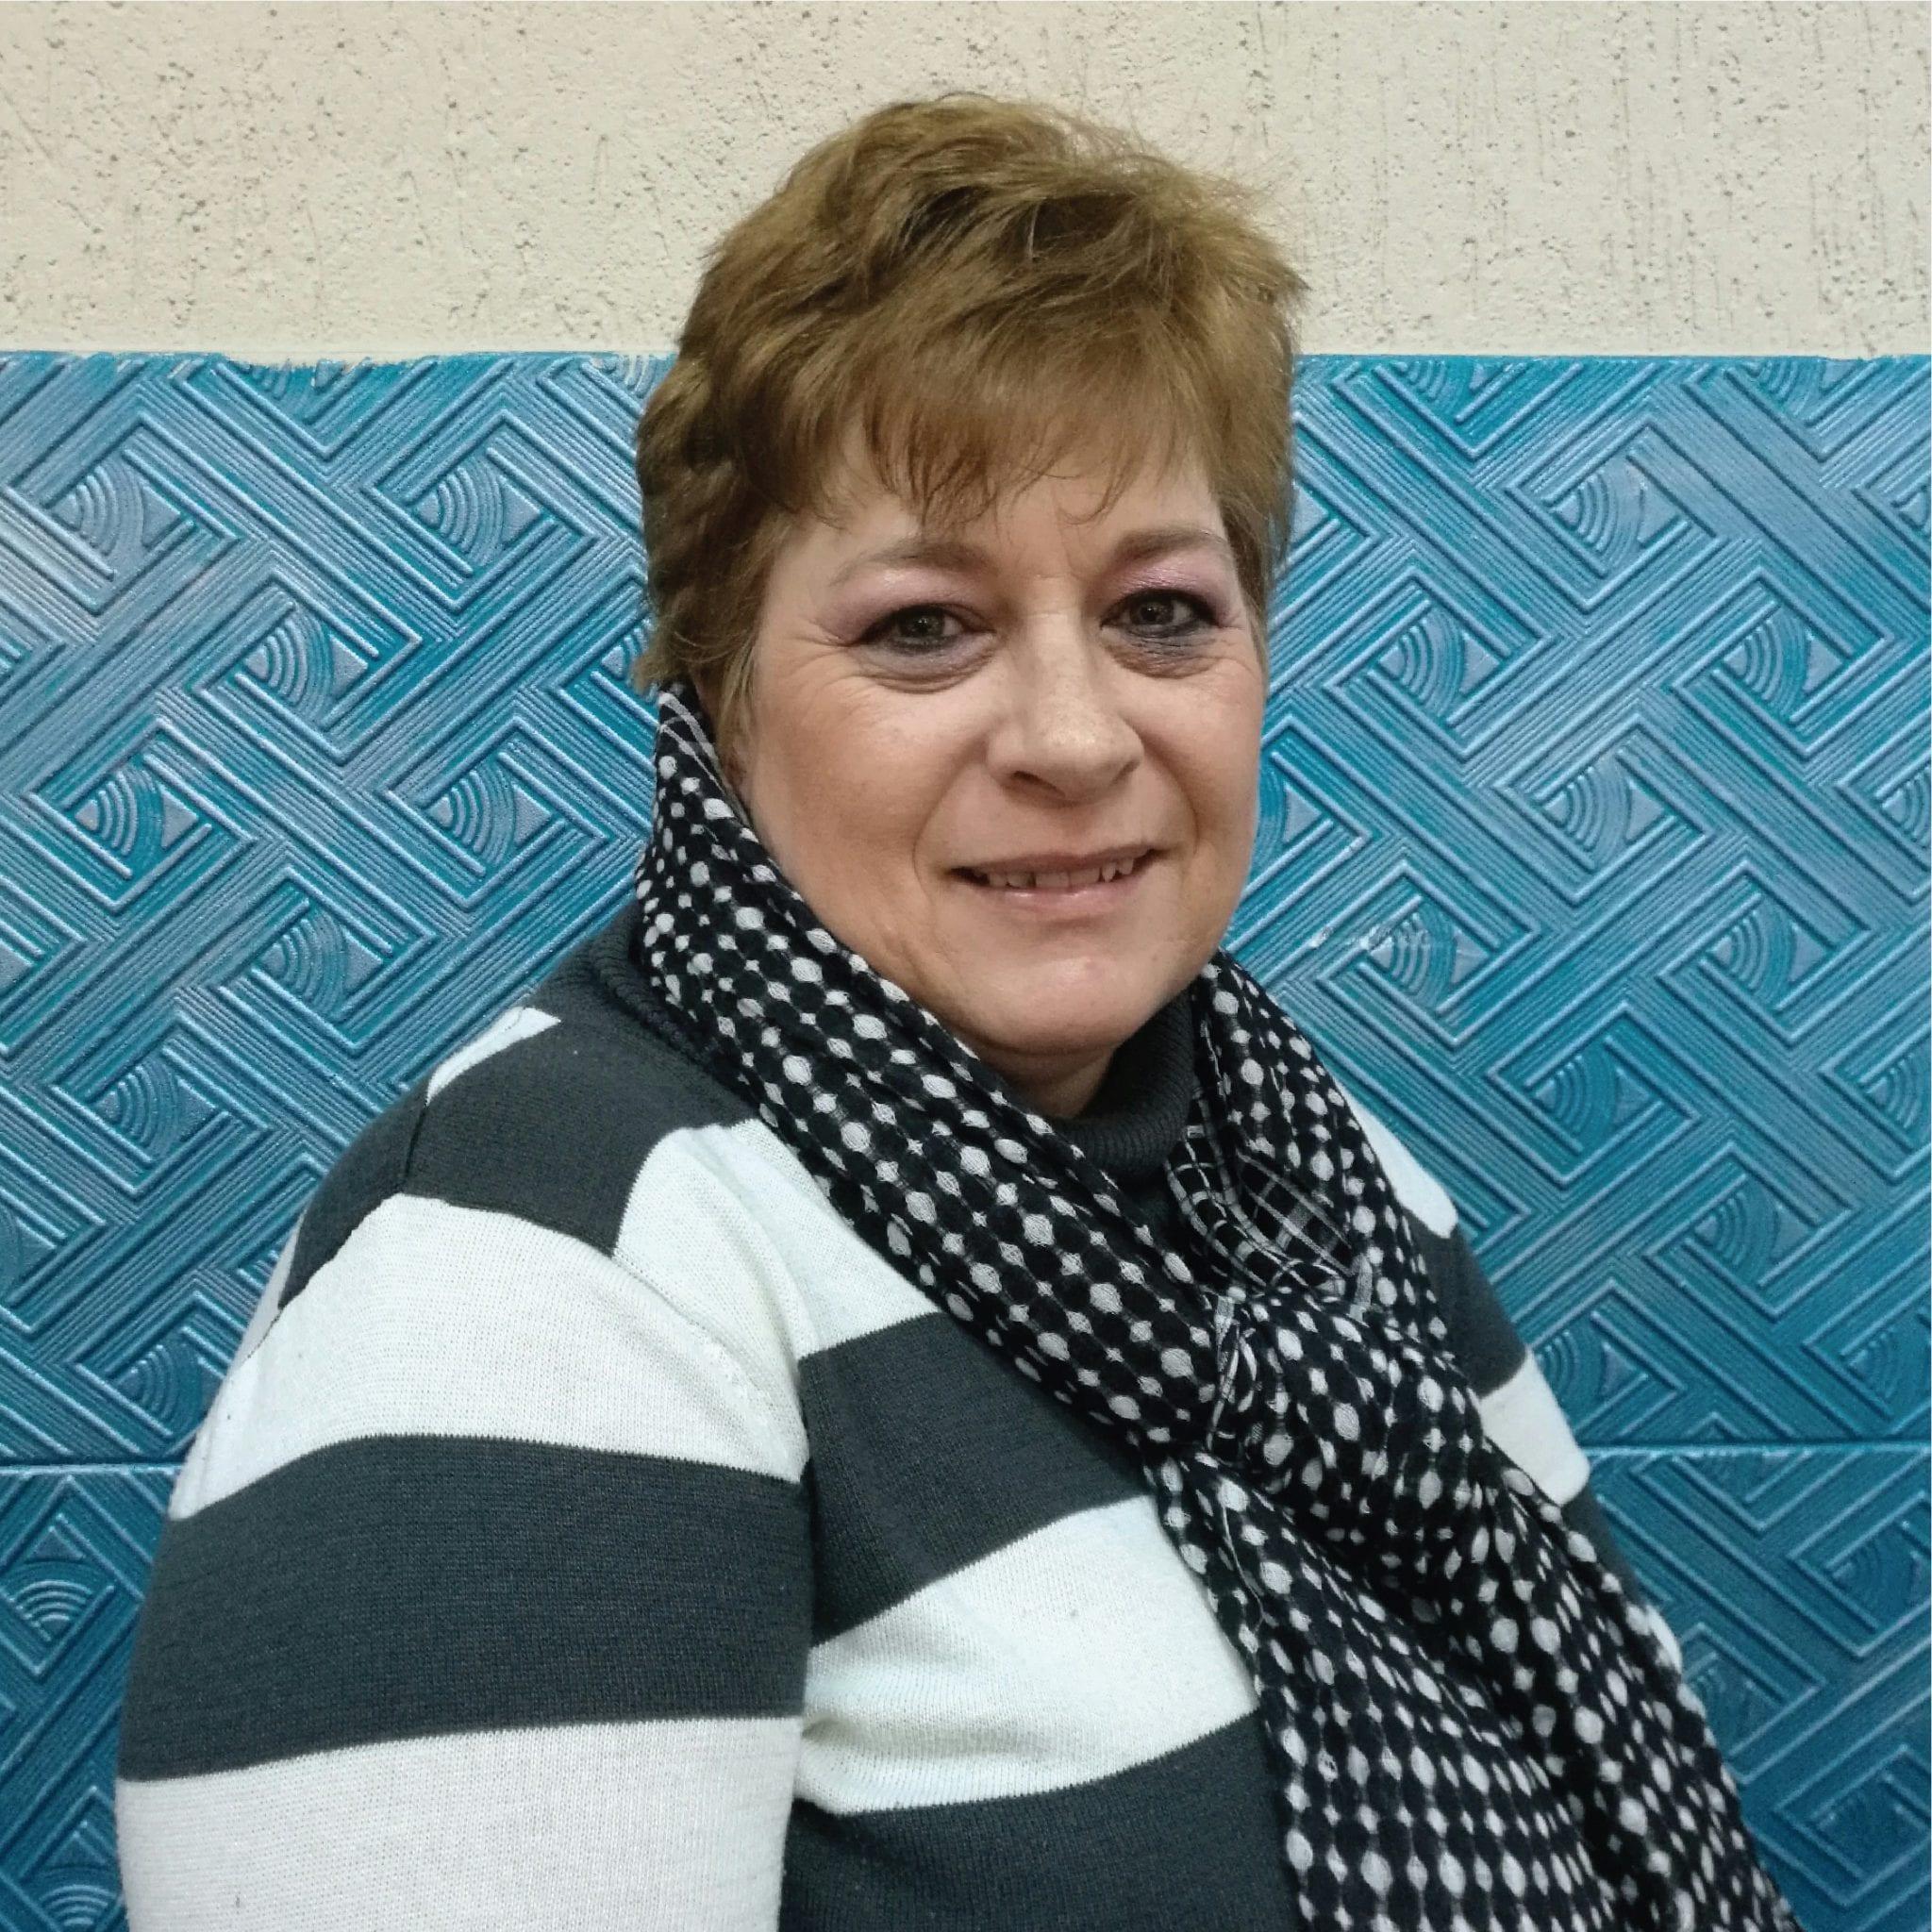 Lizette Venter